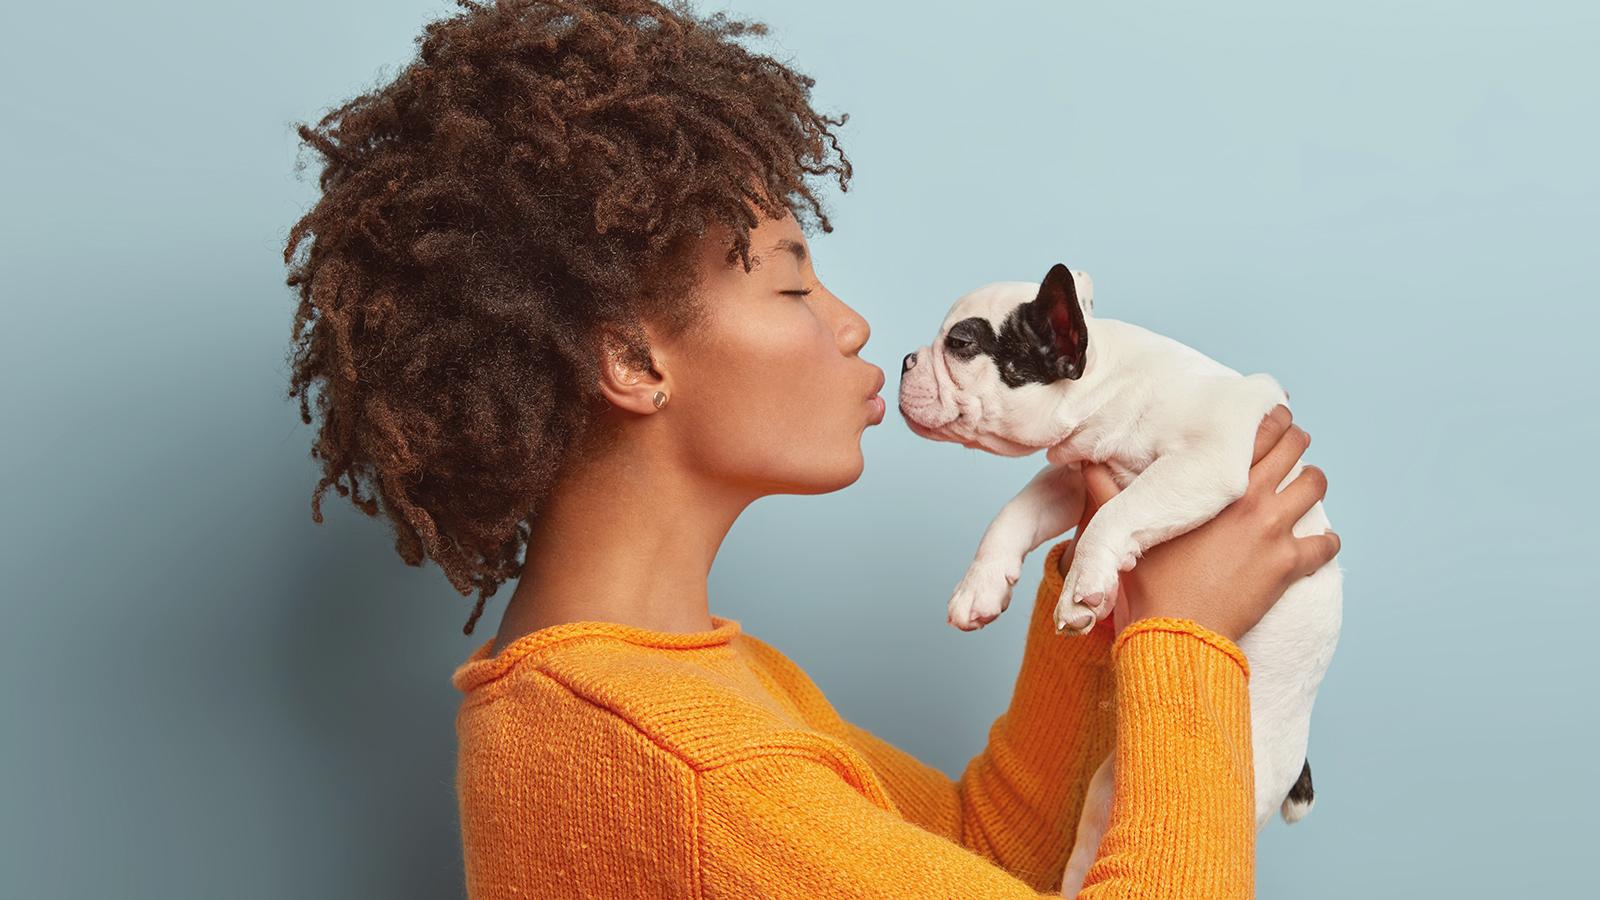 menina jovem simulando o primeiro beijo com um filhote de cachorro